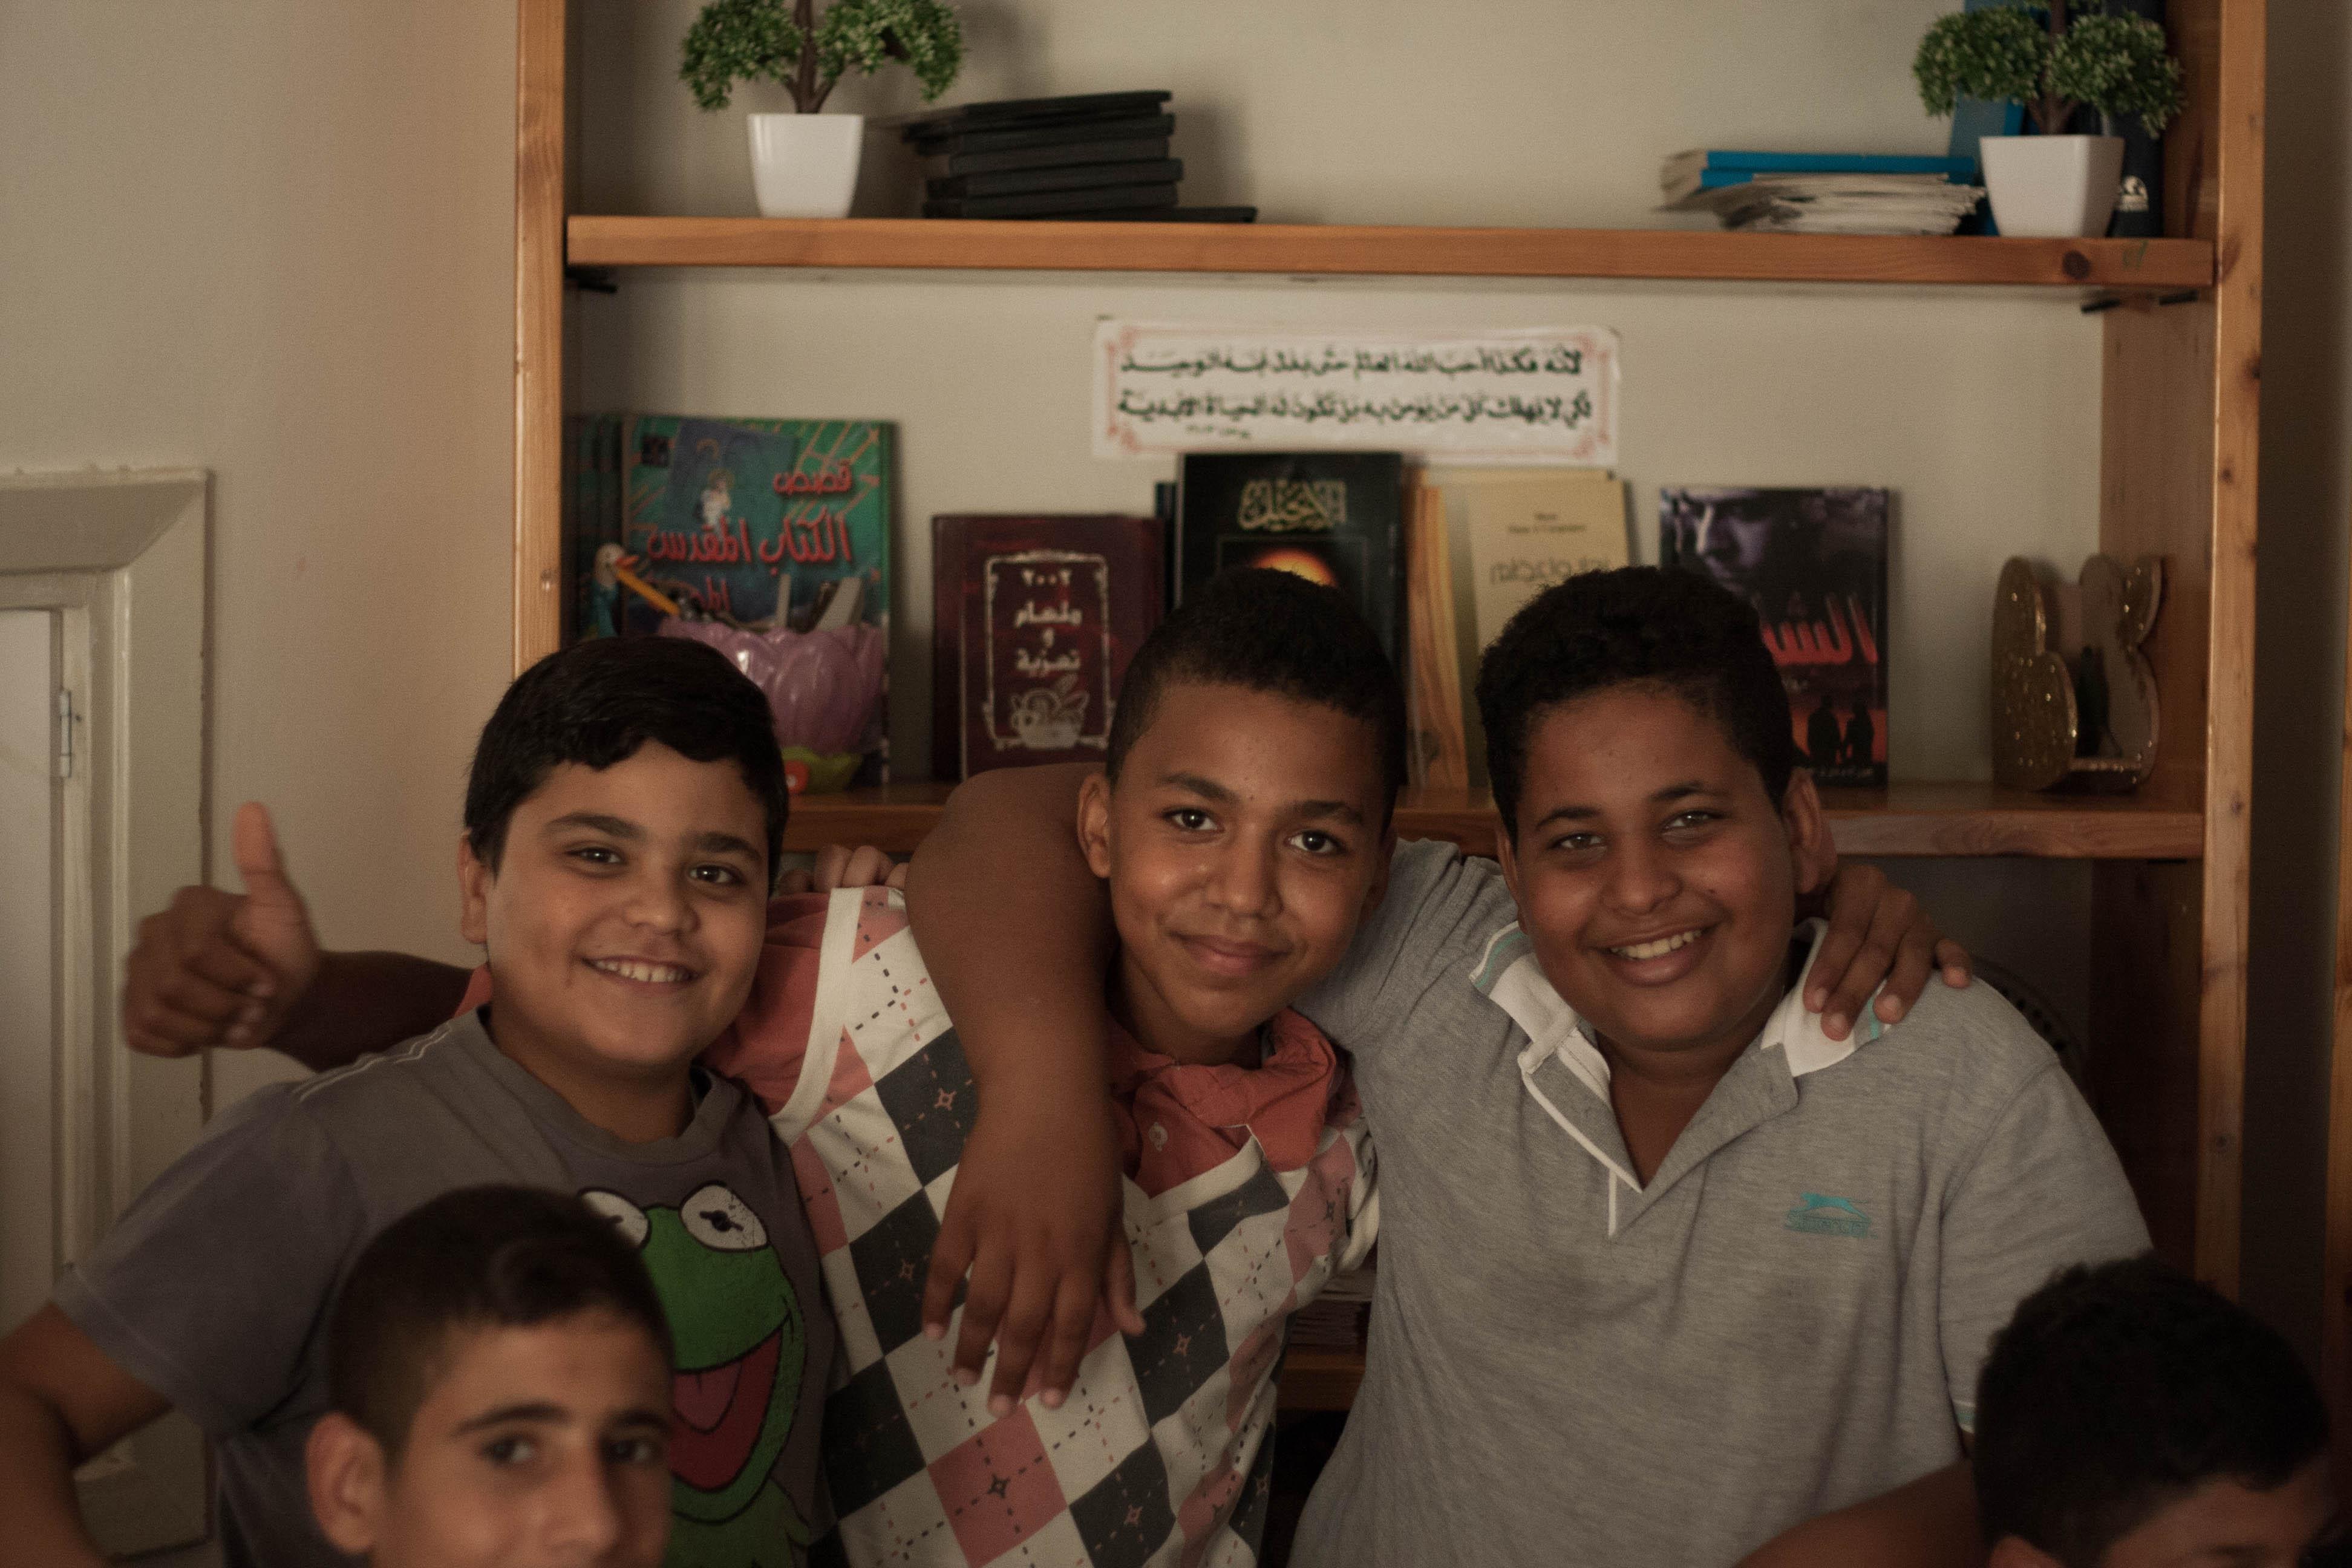 Palæstinensiske drenge vi spillede paintball med